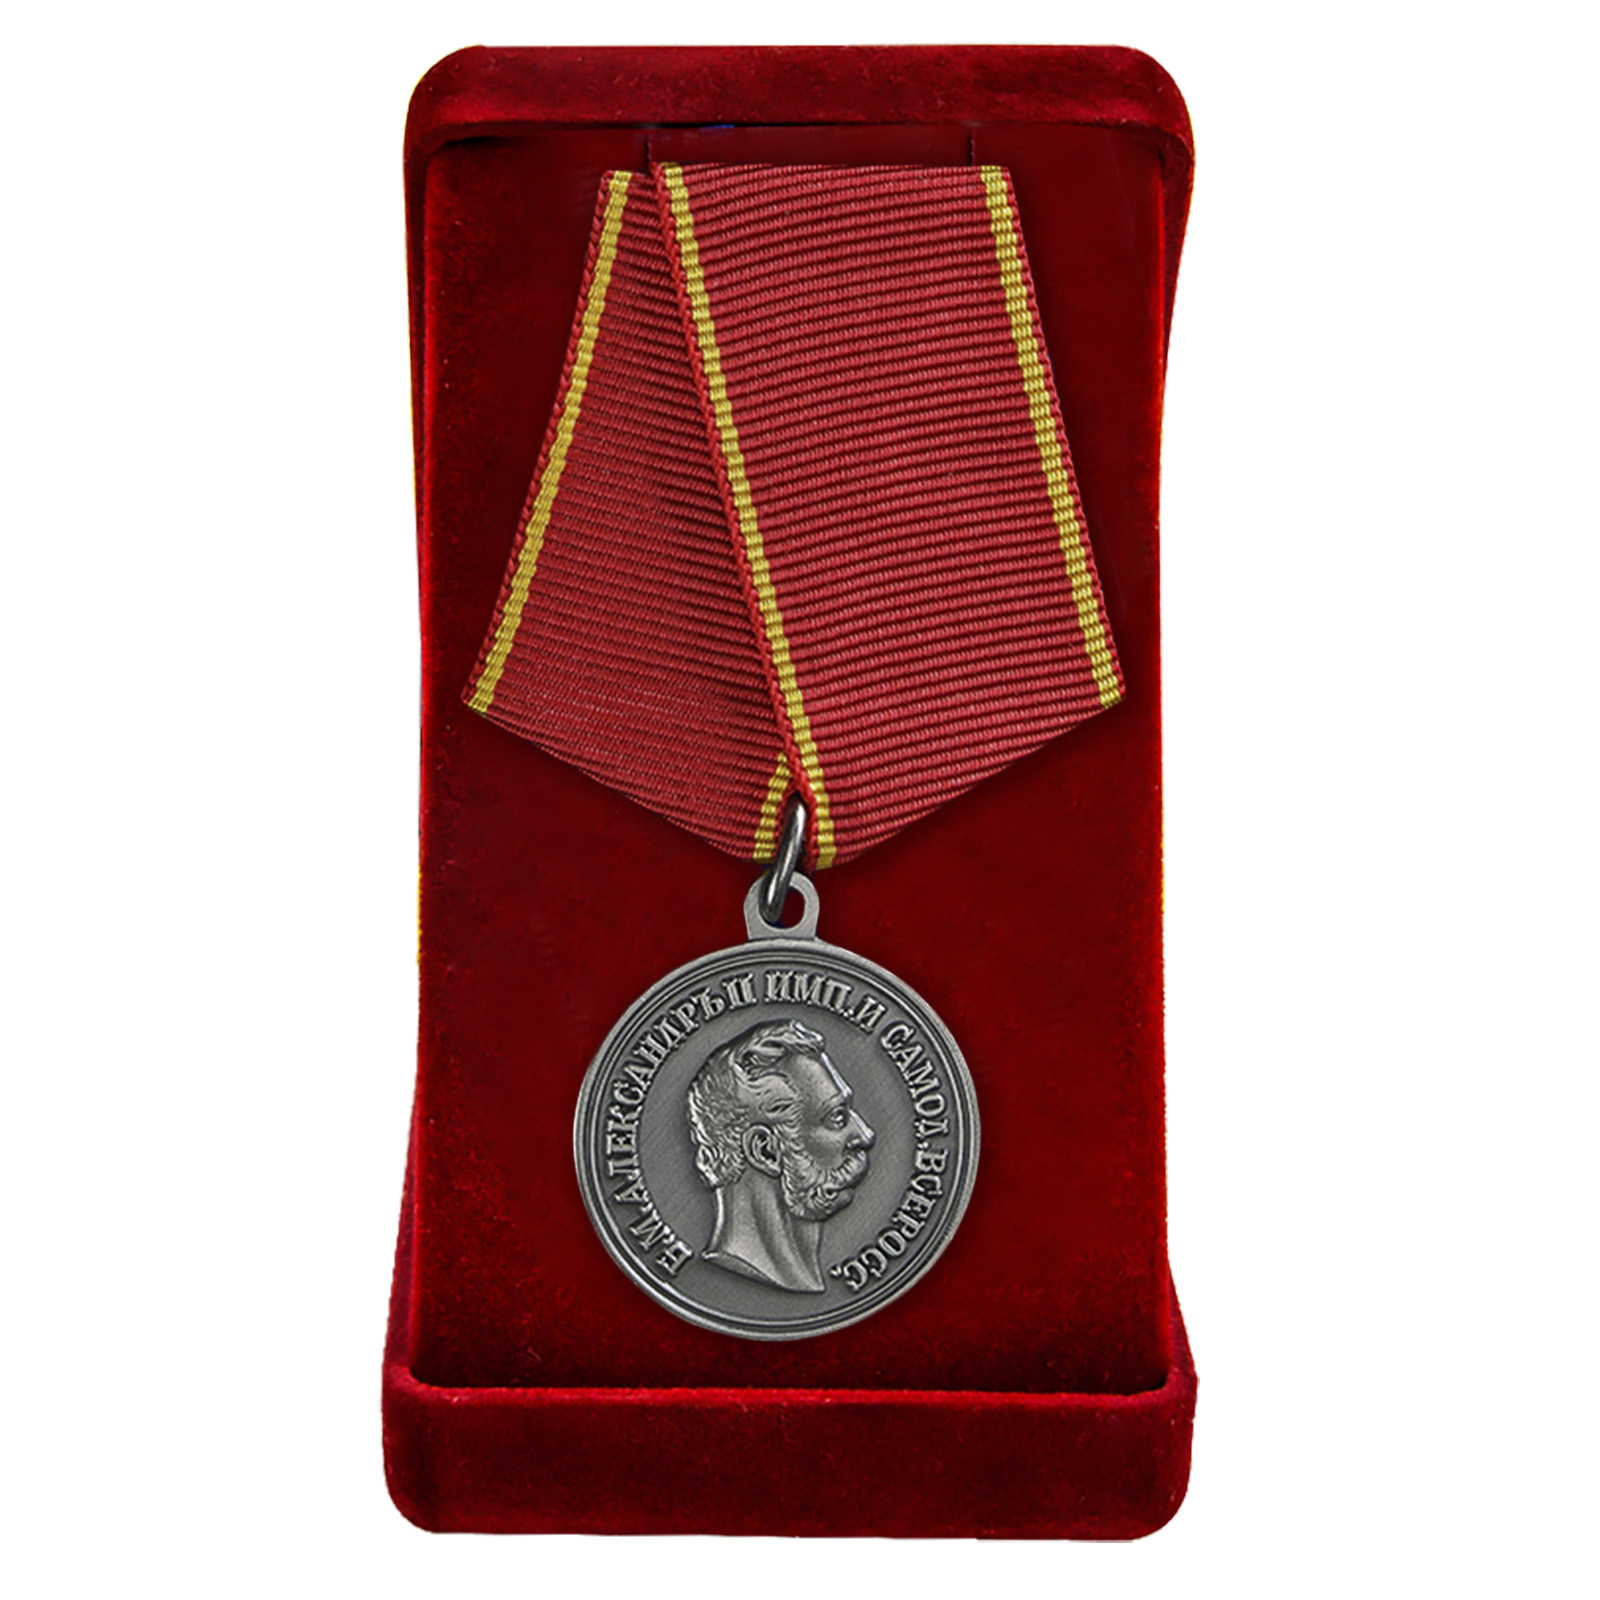 Купить медаль Александра 2 За усердие по лучшей цене